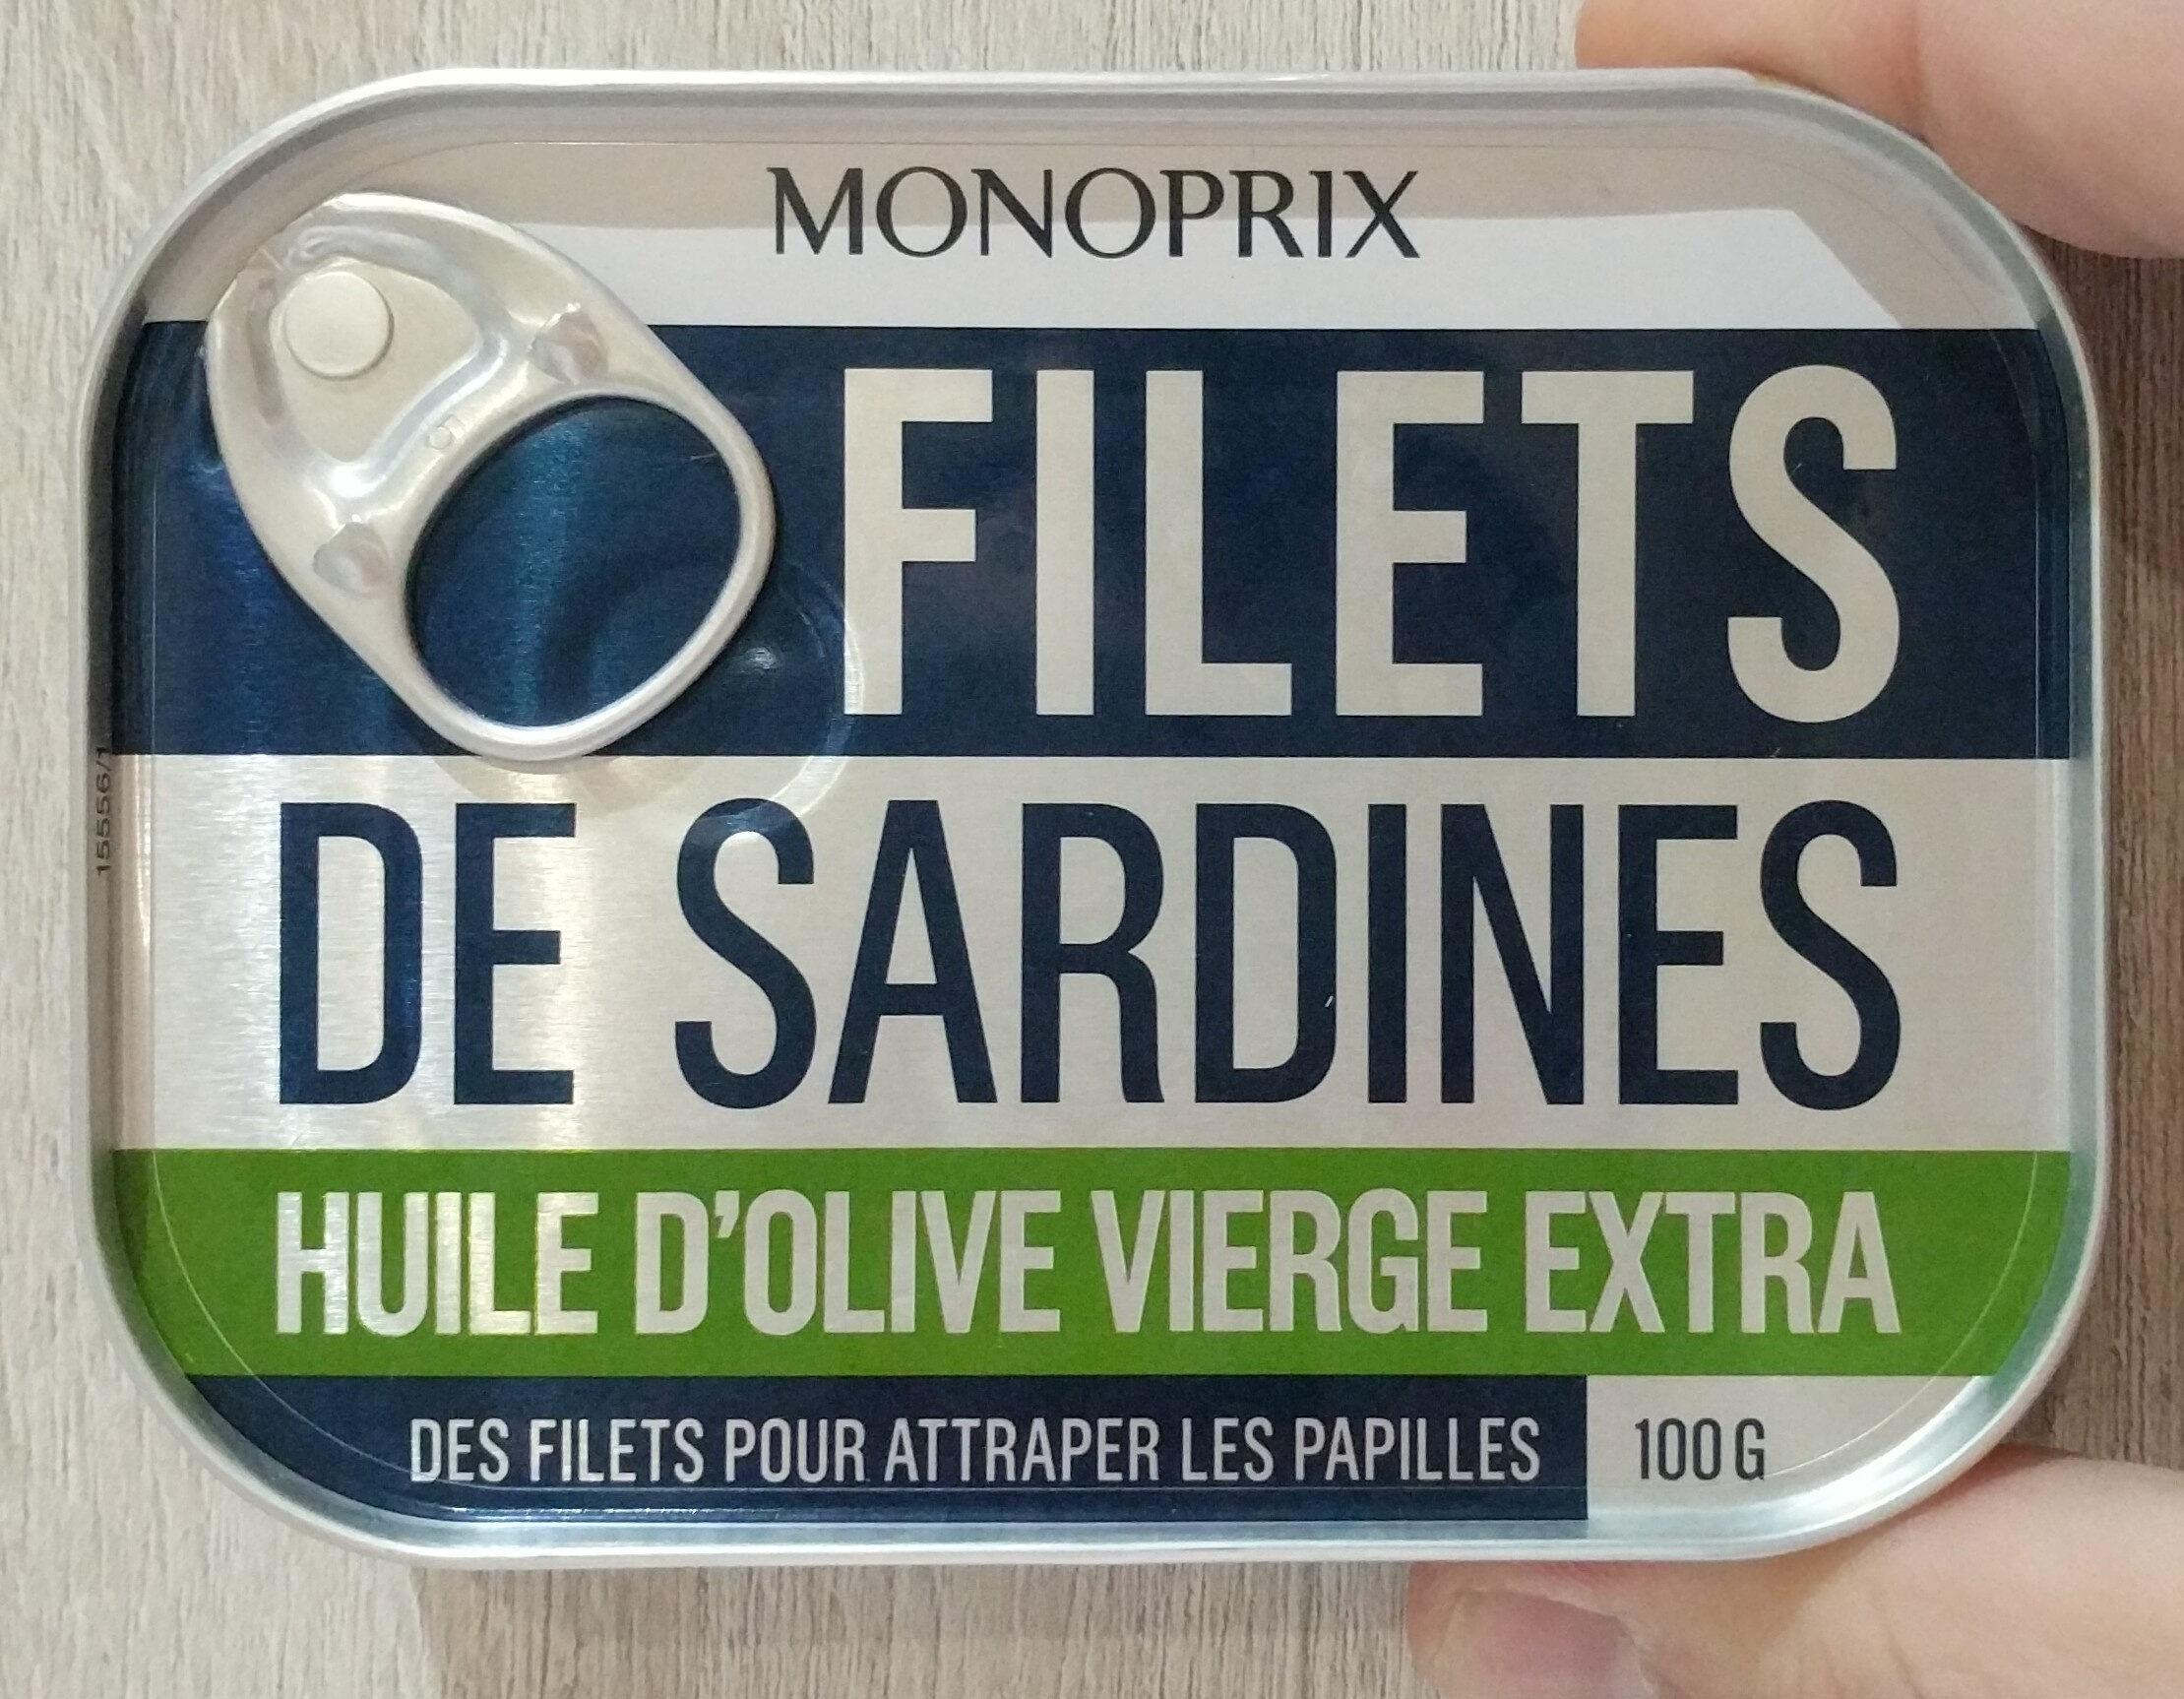 Filets de sardines à l'huile d'olive vierge extra, sans arête - Produit - fr